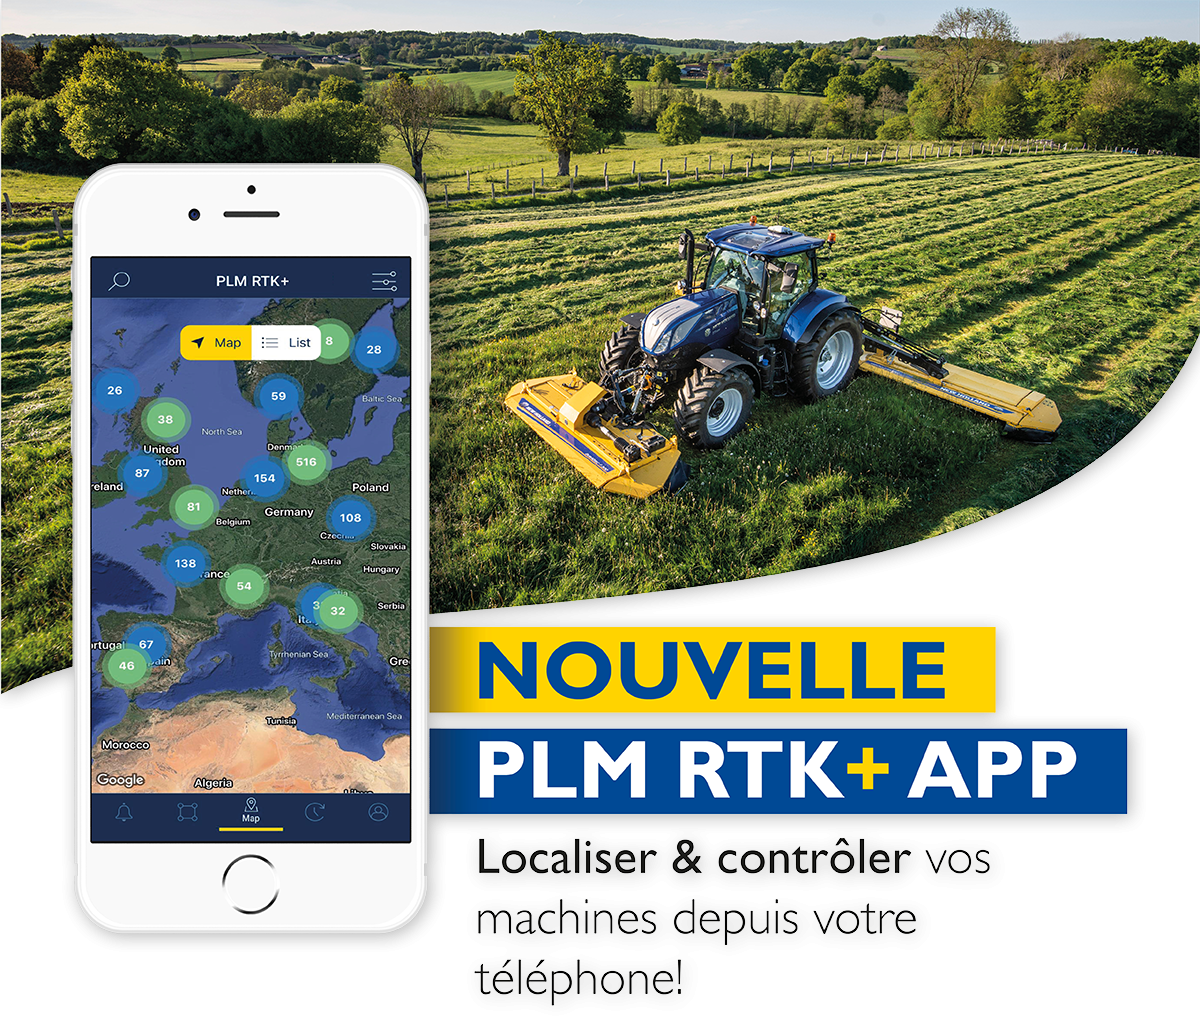 App_Flyer_NewHolland_FR.png